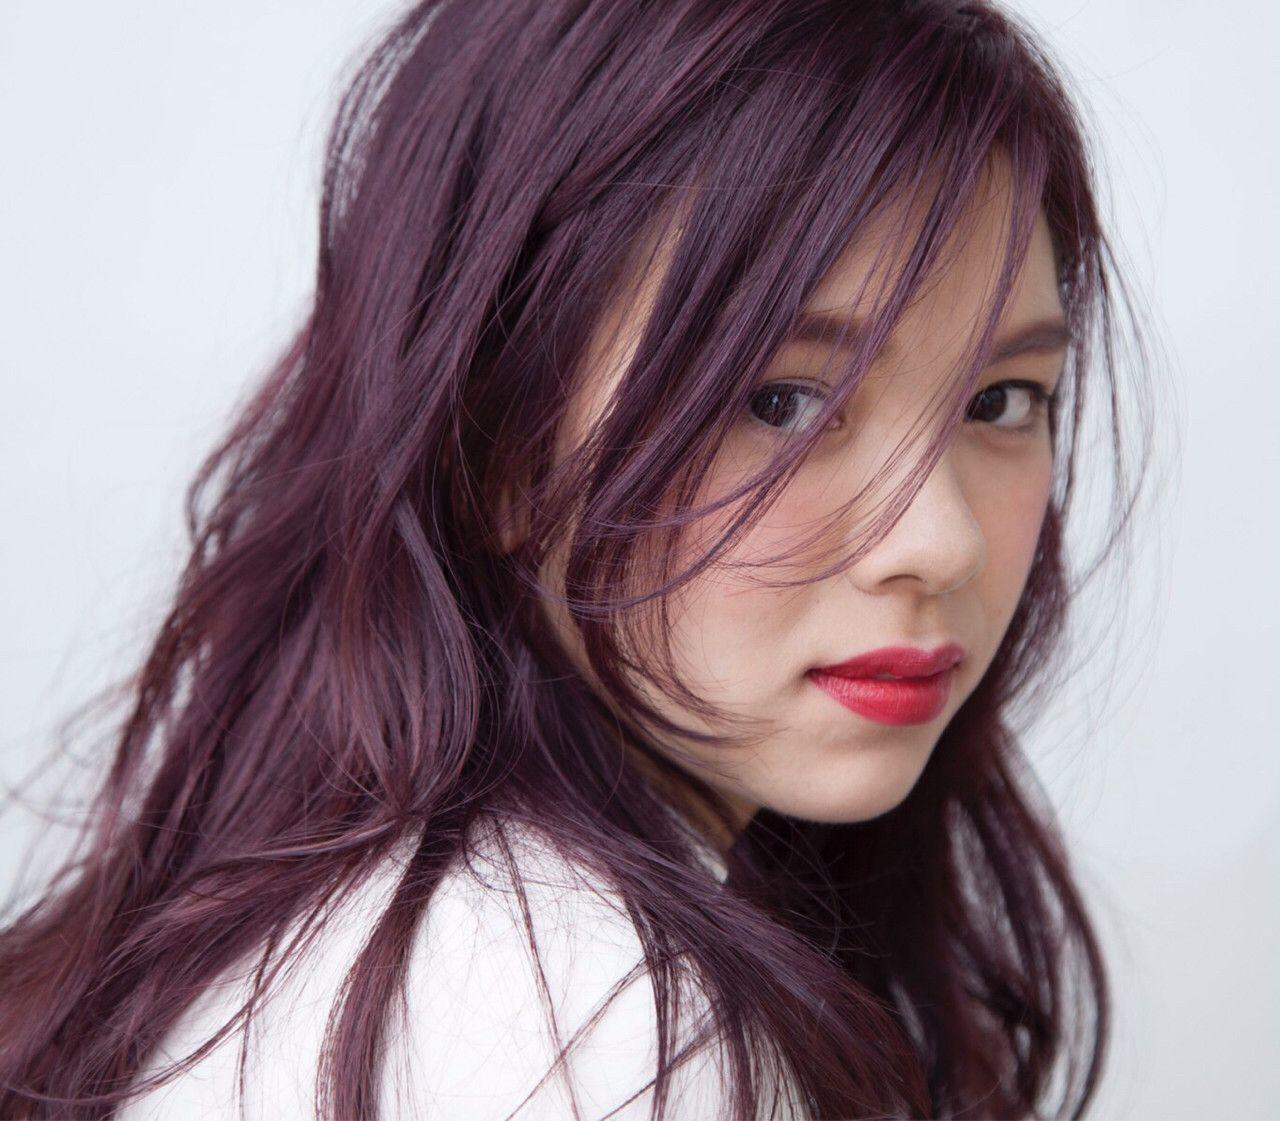 ヘアカラー ベリーブラウン の画像検索結果 パープルヘアー 紫 ヘアカラー レッドヘアカラー